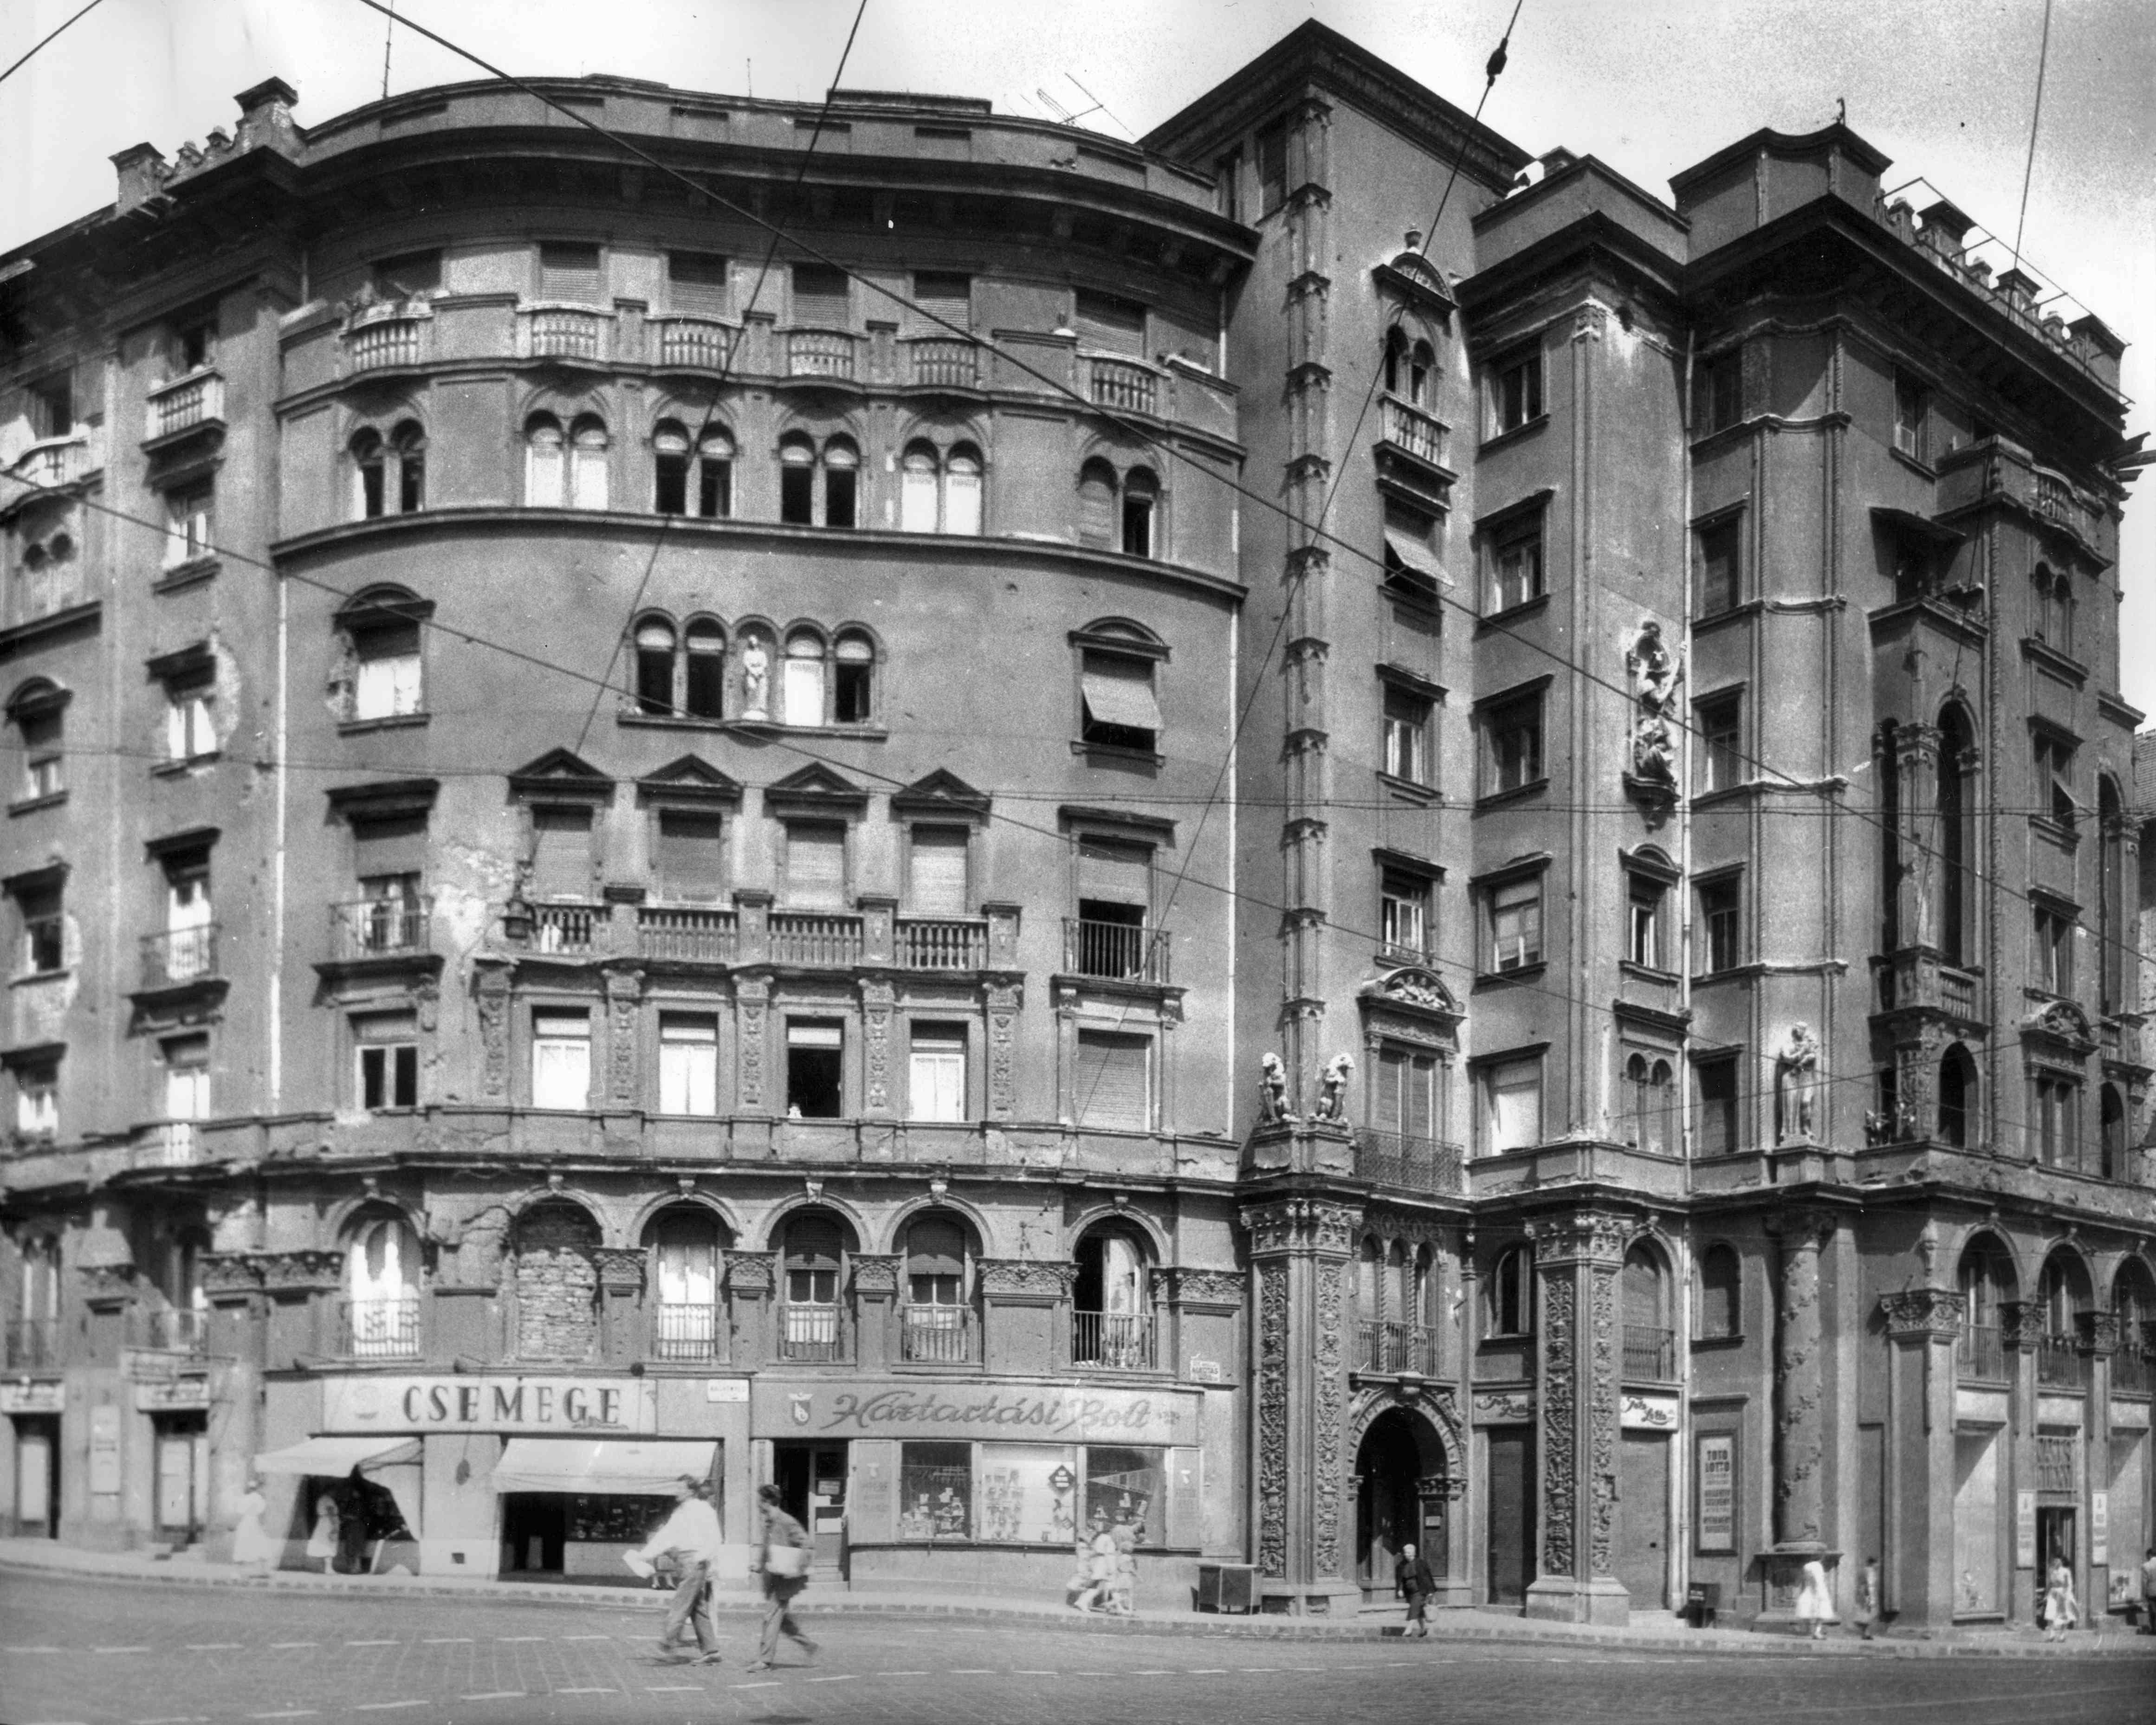 Forrás: Fortepan / Budapest Főváros Levéltára. <br />Levéltári jelzet: HU_BFL_XV_19_c_11<br />Ez és az utána következő pár kép 1960 körül készült.